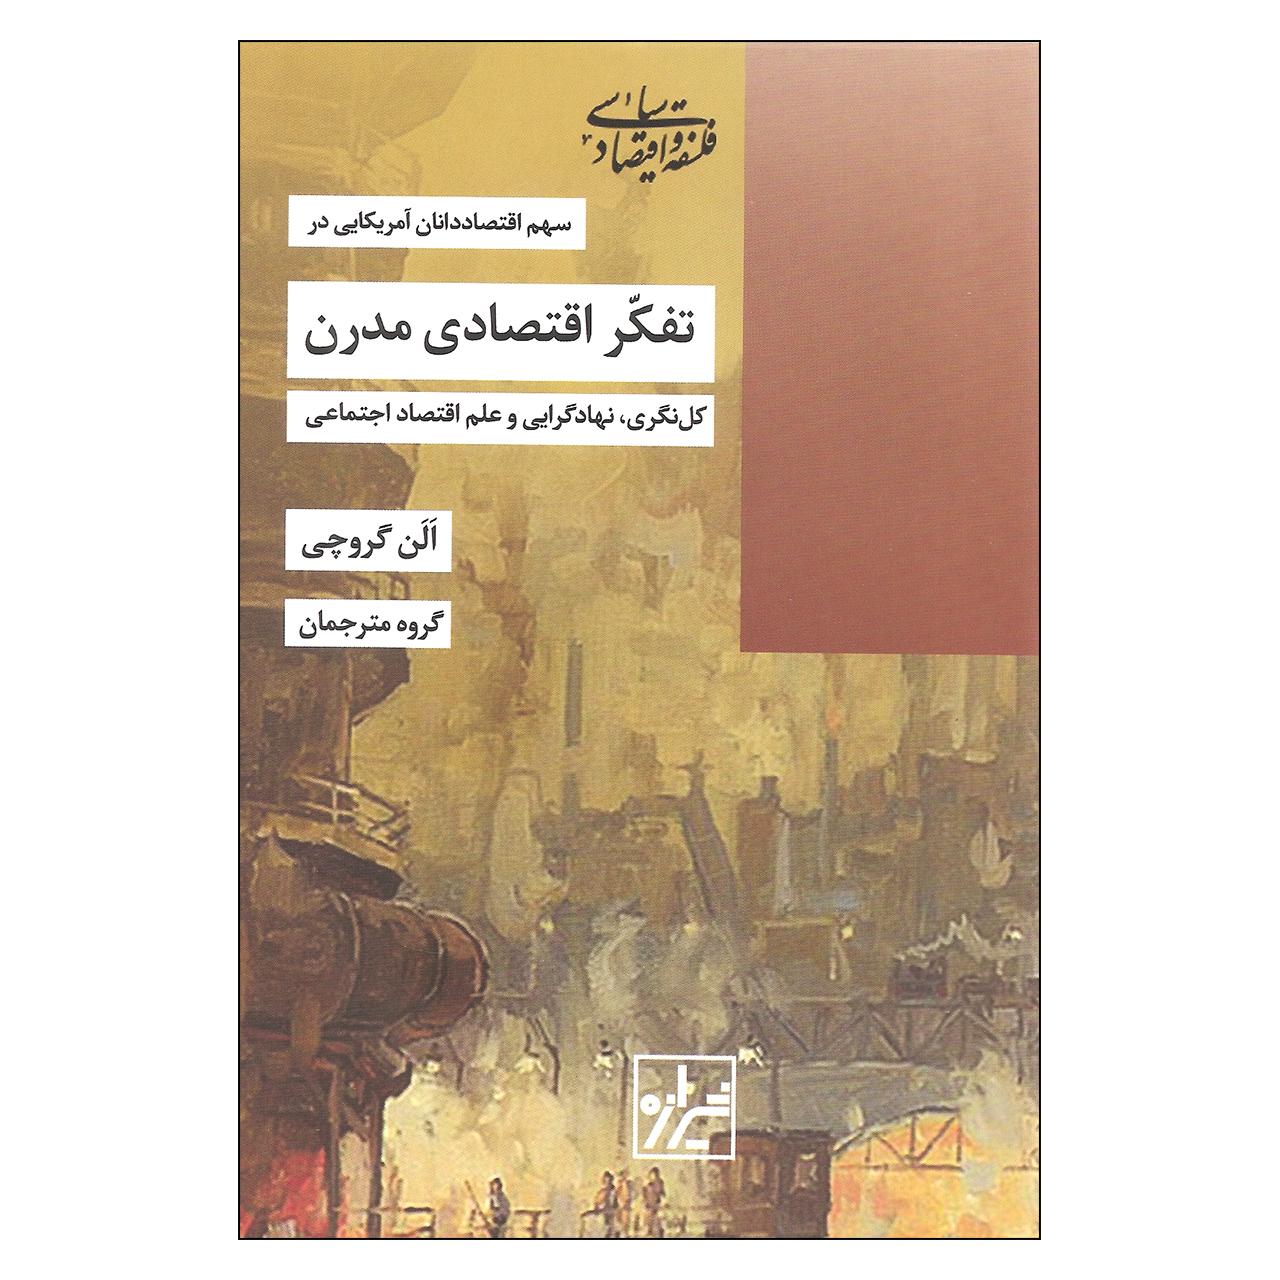 کتاب  سهم اقتصاد دانای آمریکایی در تفکر اقتصادی مدرن اثر آلن گروچی انتشارات شیرازه